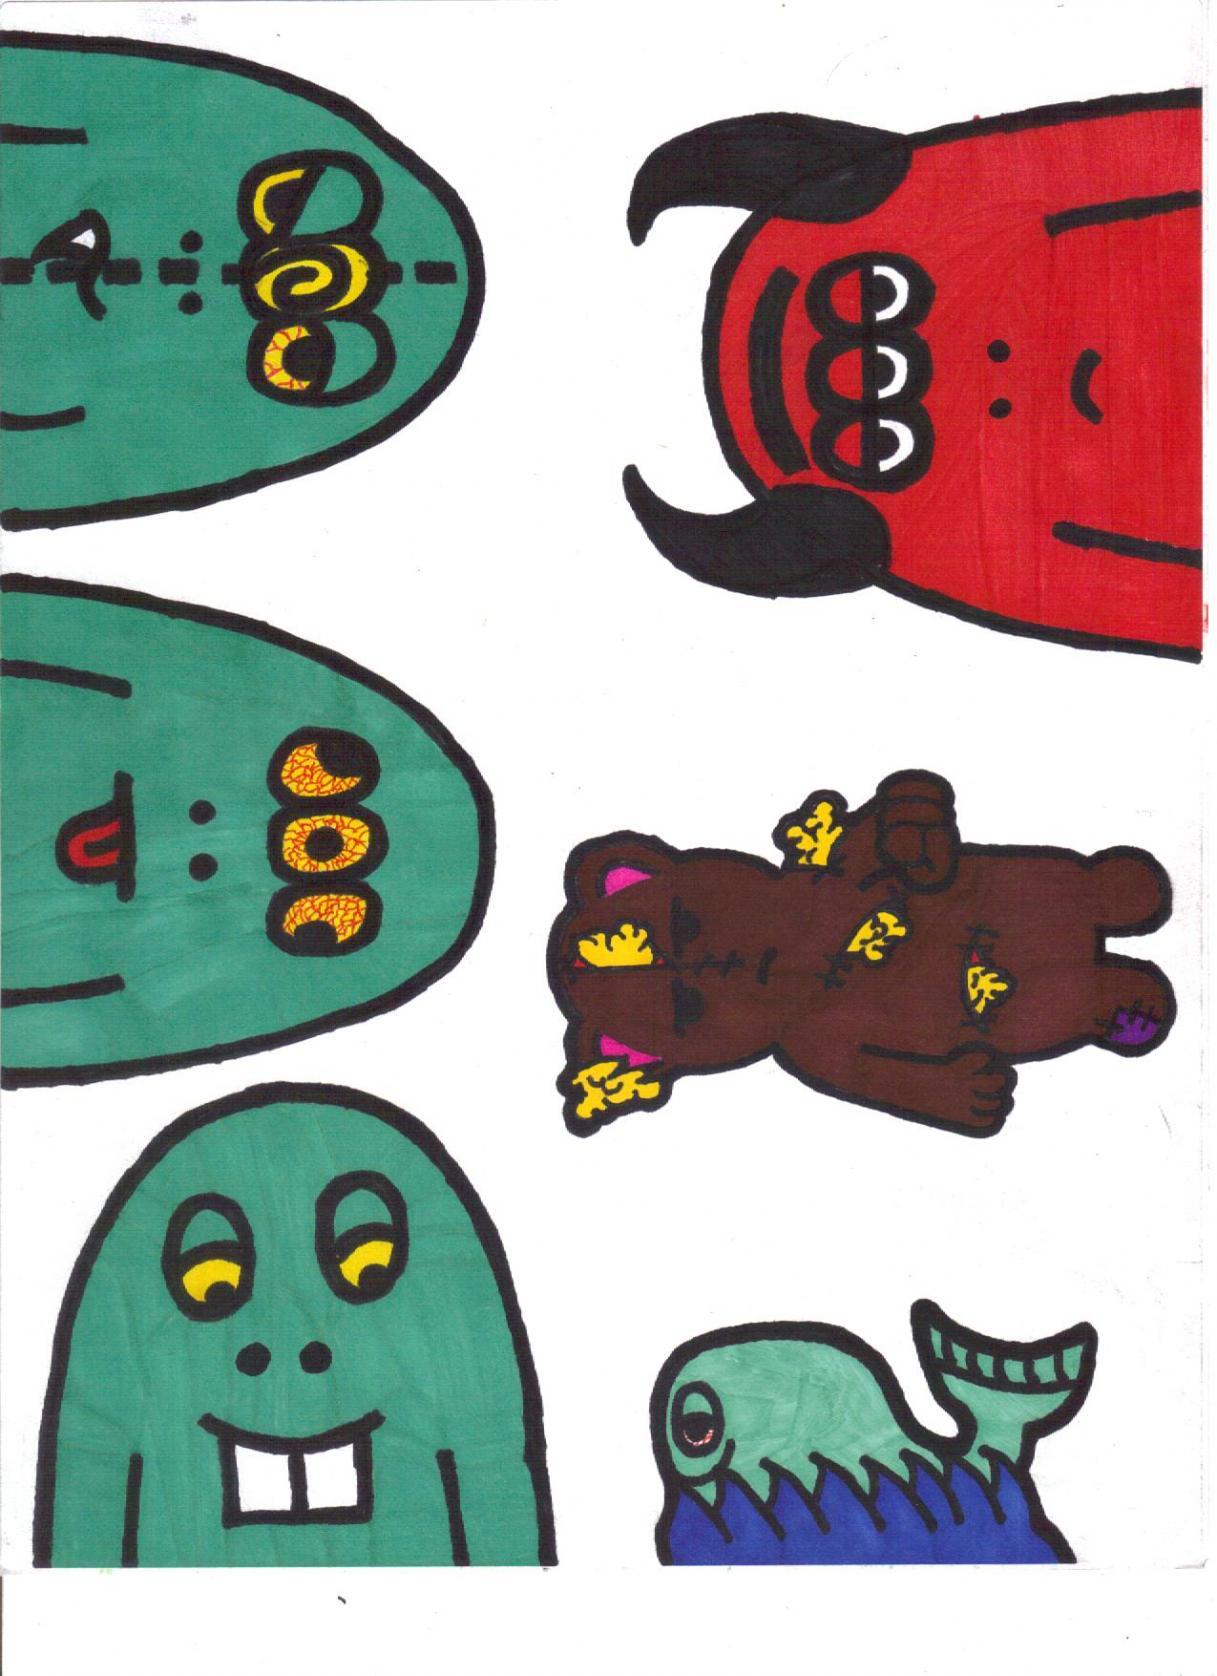 Graffiti drawings 005.jpg